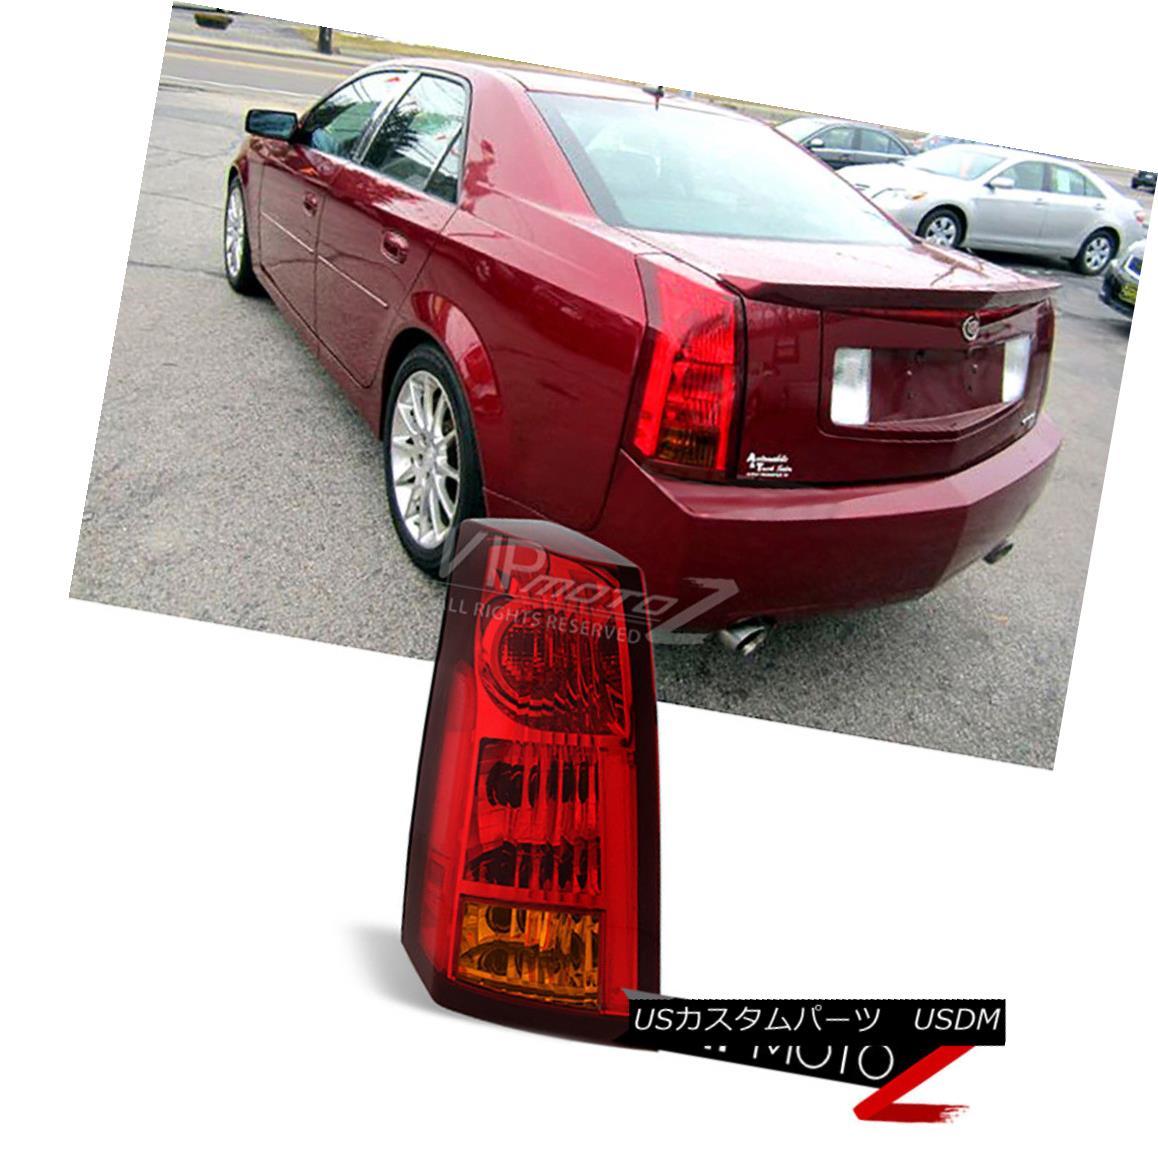 テールライト Cadillac CTS 2003 2004 2005 2006 2007 Taillights Assembly Driver Left Harness Cadillac CTS 2003 2004 2005 2006 2007ターンライトアセンブリ・ドライバ左ハーネス